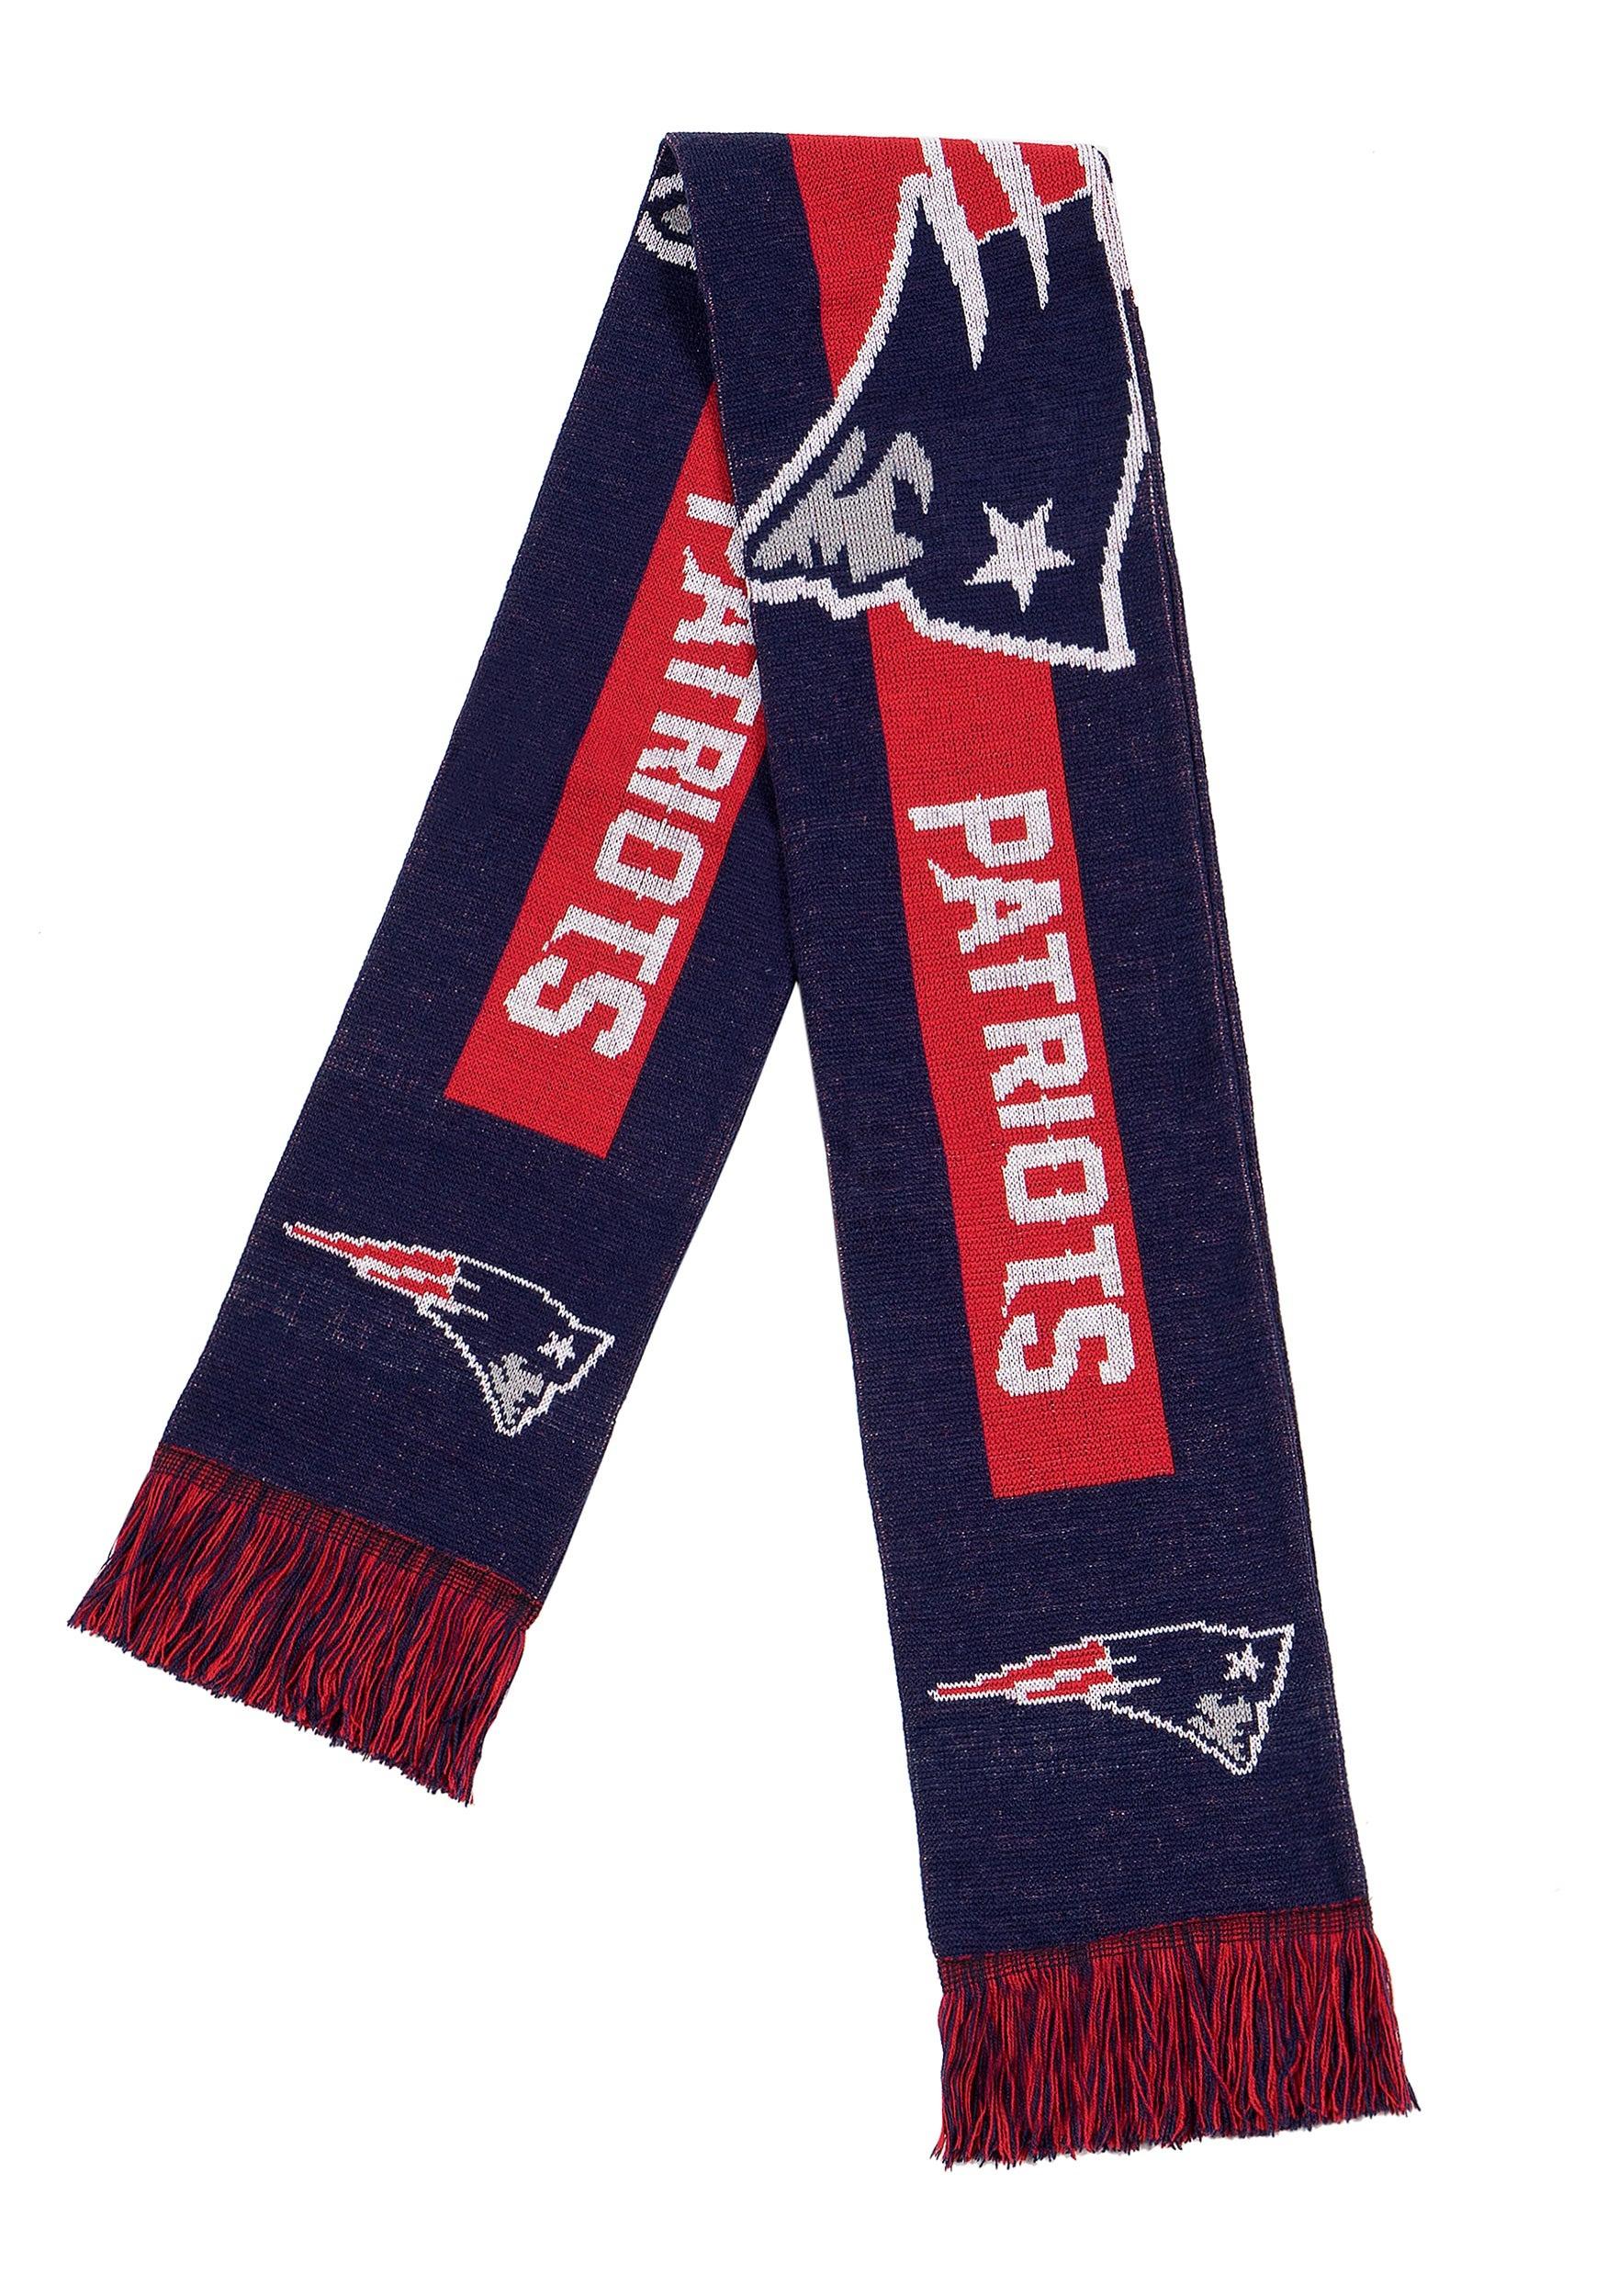 New England Patriots Big Logo Scarf FLSVNF16BLGNP